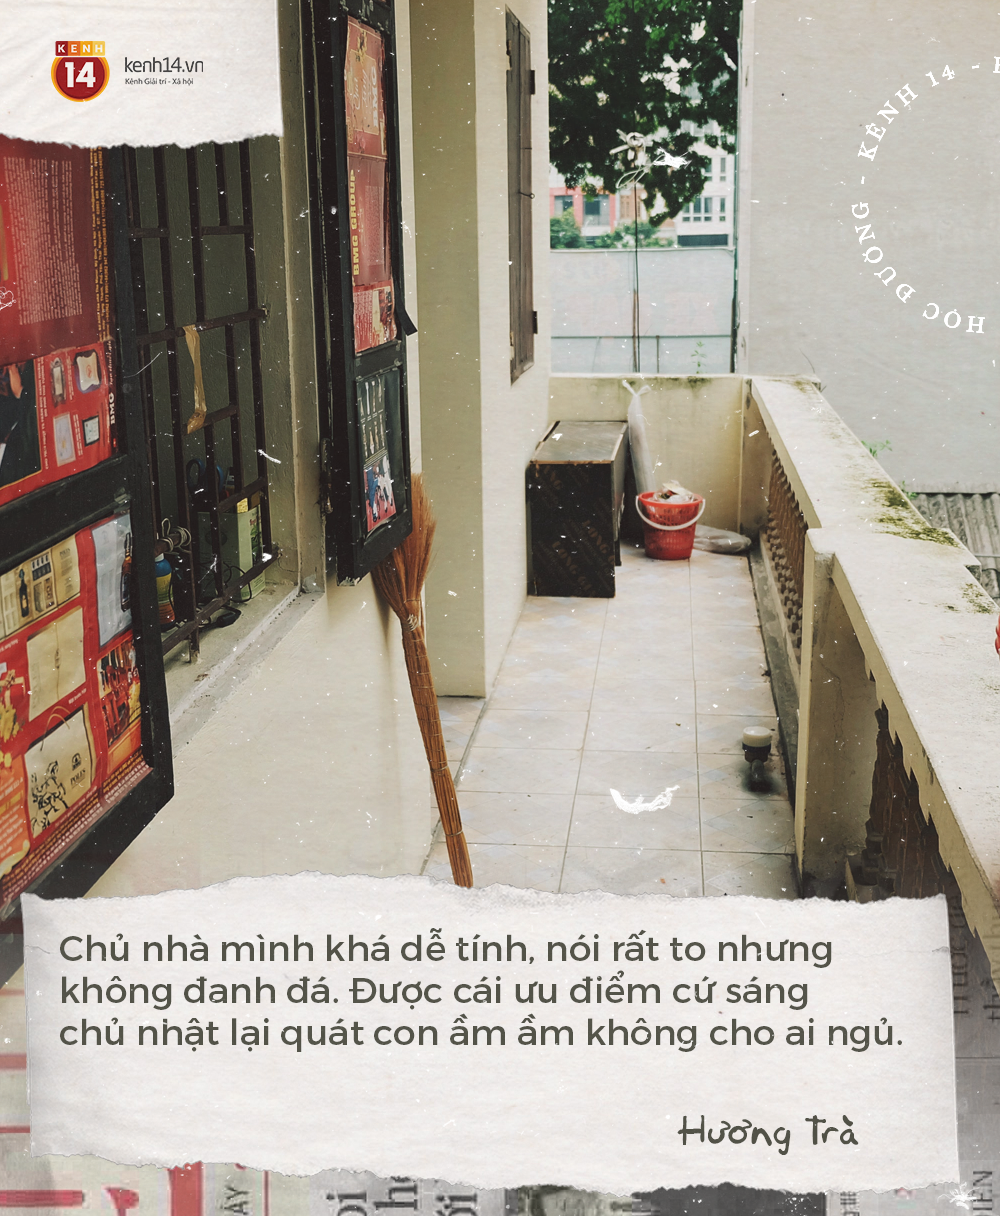 Những màn bóc phốt chủ trọ cực gắt của khách thuê nhà: Không có chủ ghê gớm nhất, chỉ có chủ ghê gớm hơn - Ảnh 3.